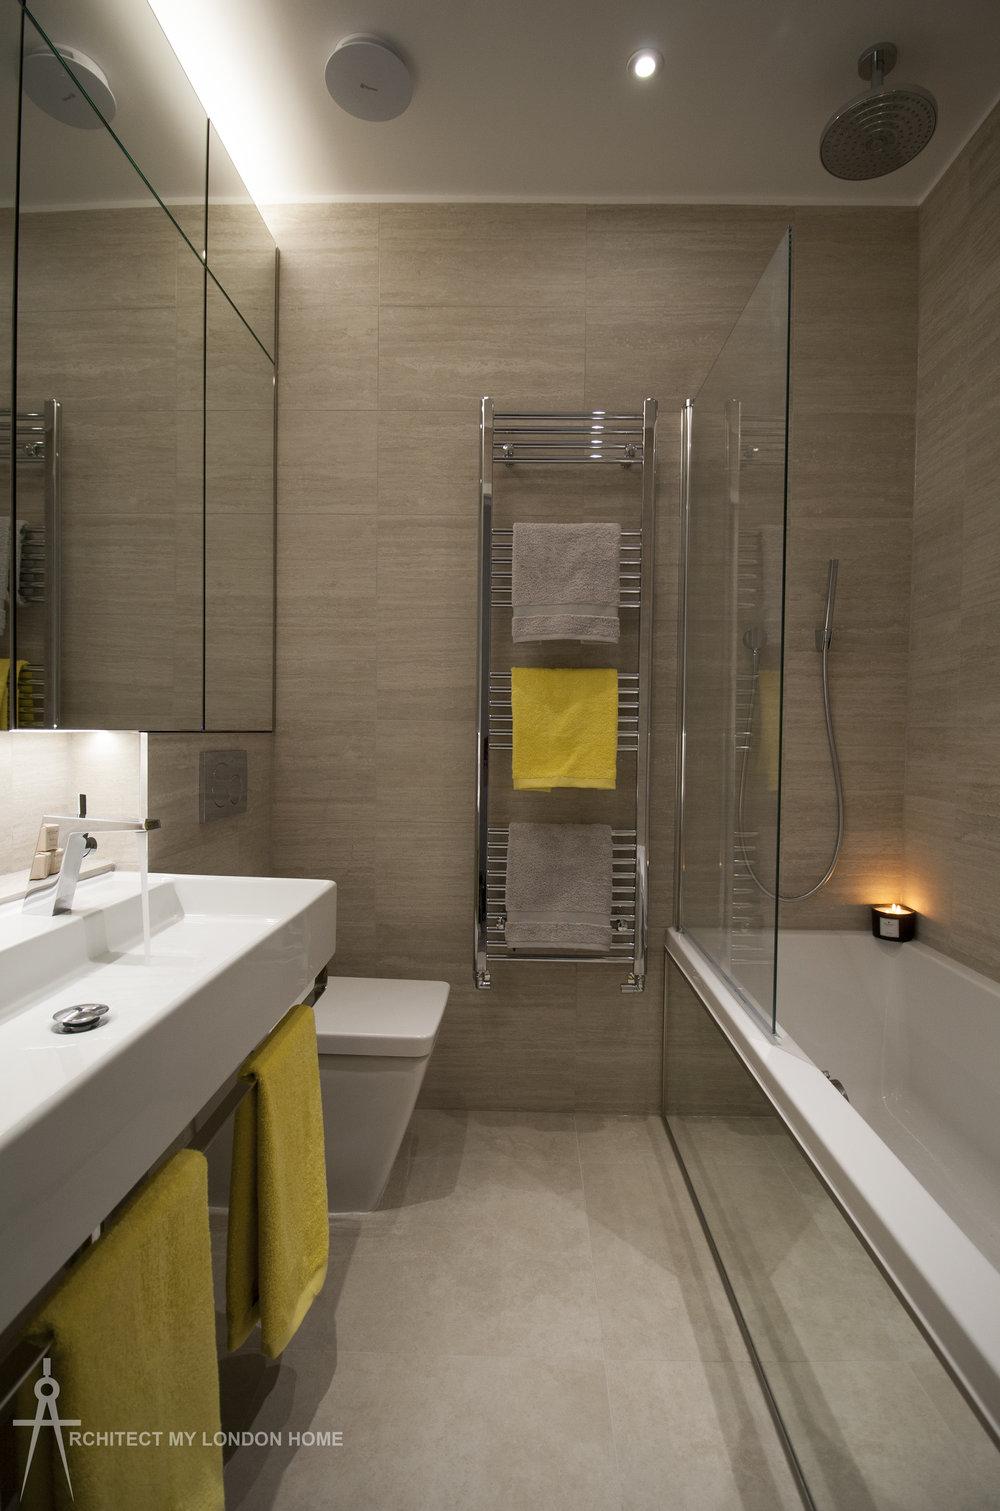 Mood lighting and mirrored bath panel